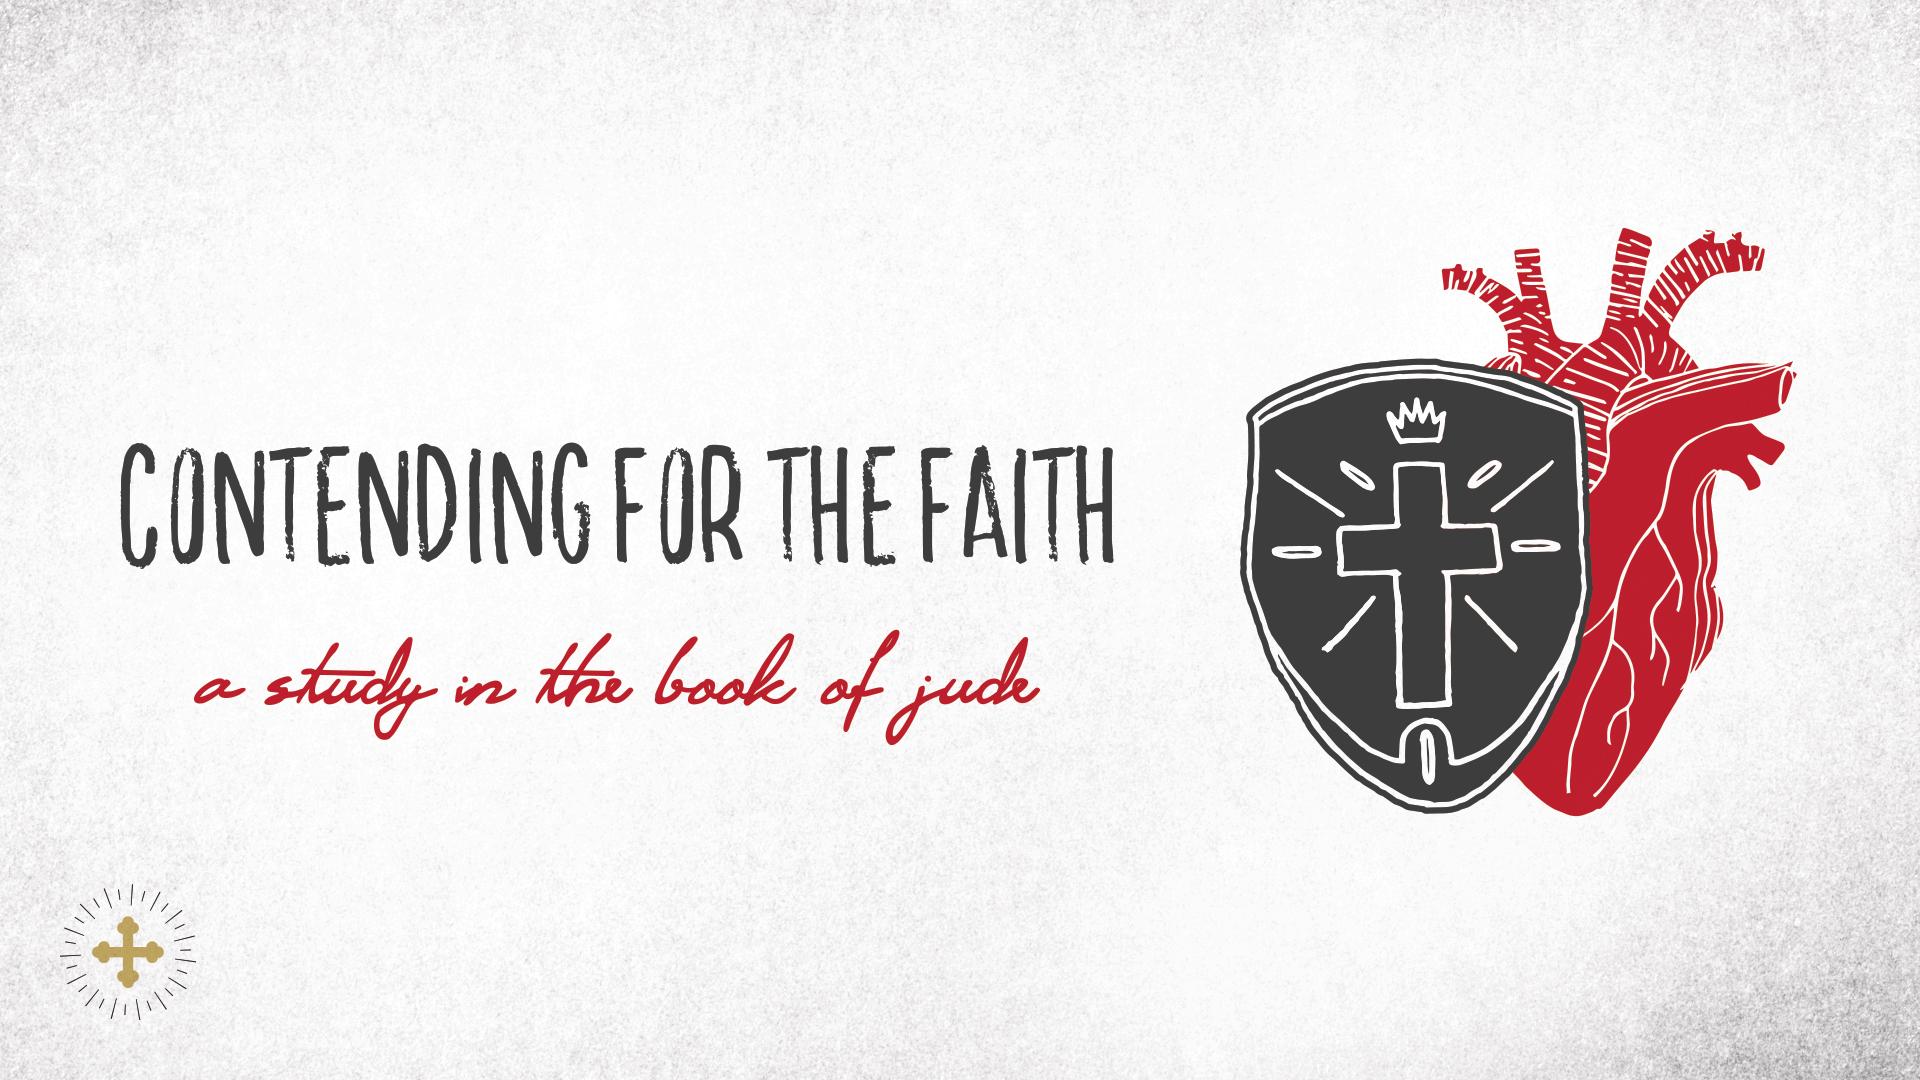 Contending-for-the-Faith-2.jpg